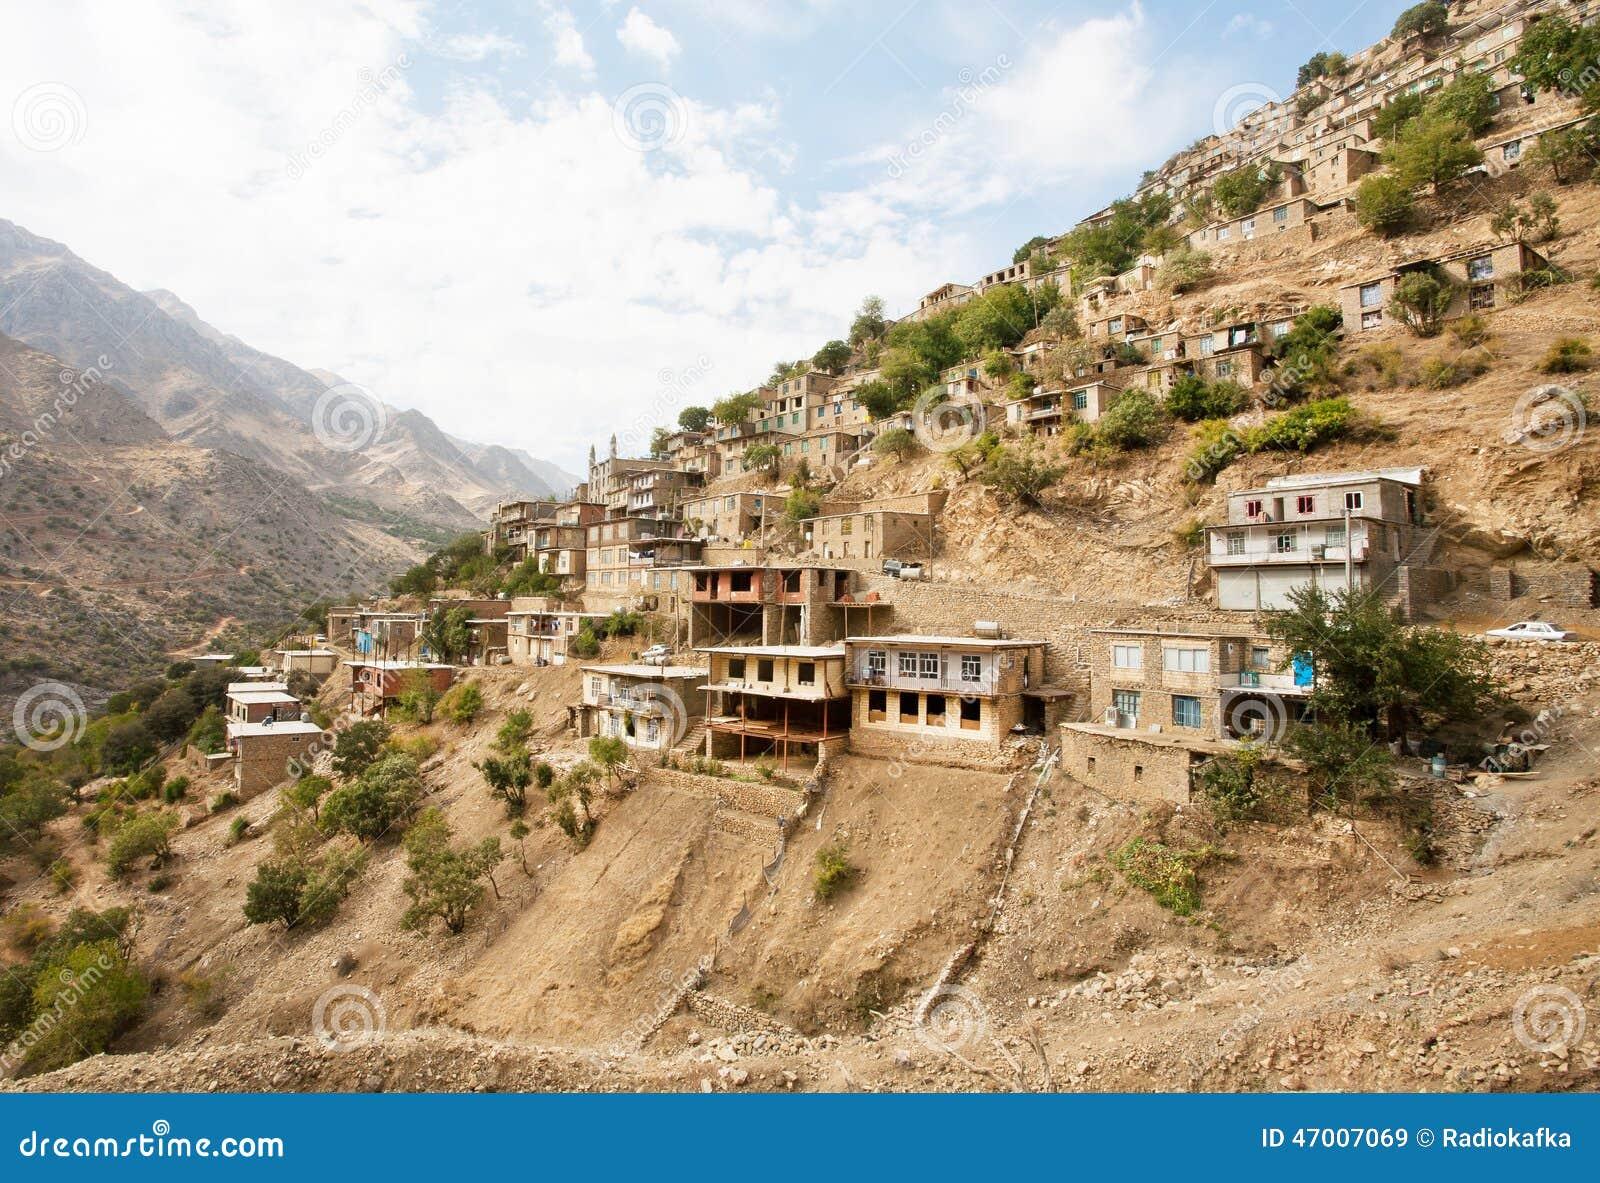 gro e landschaft mit alten h usern im bergdorf hawraman von kurdistan der iran stockfoto bild. Black Bedroom Furniture Sets. Home Design Ideas